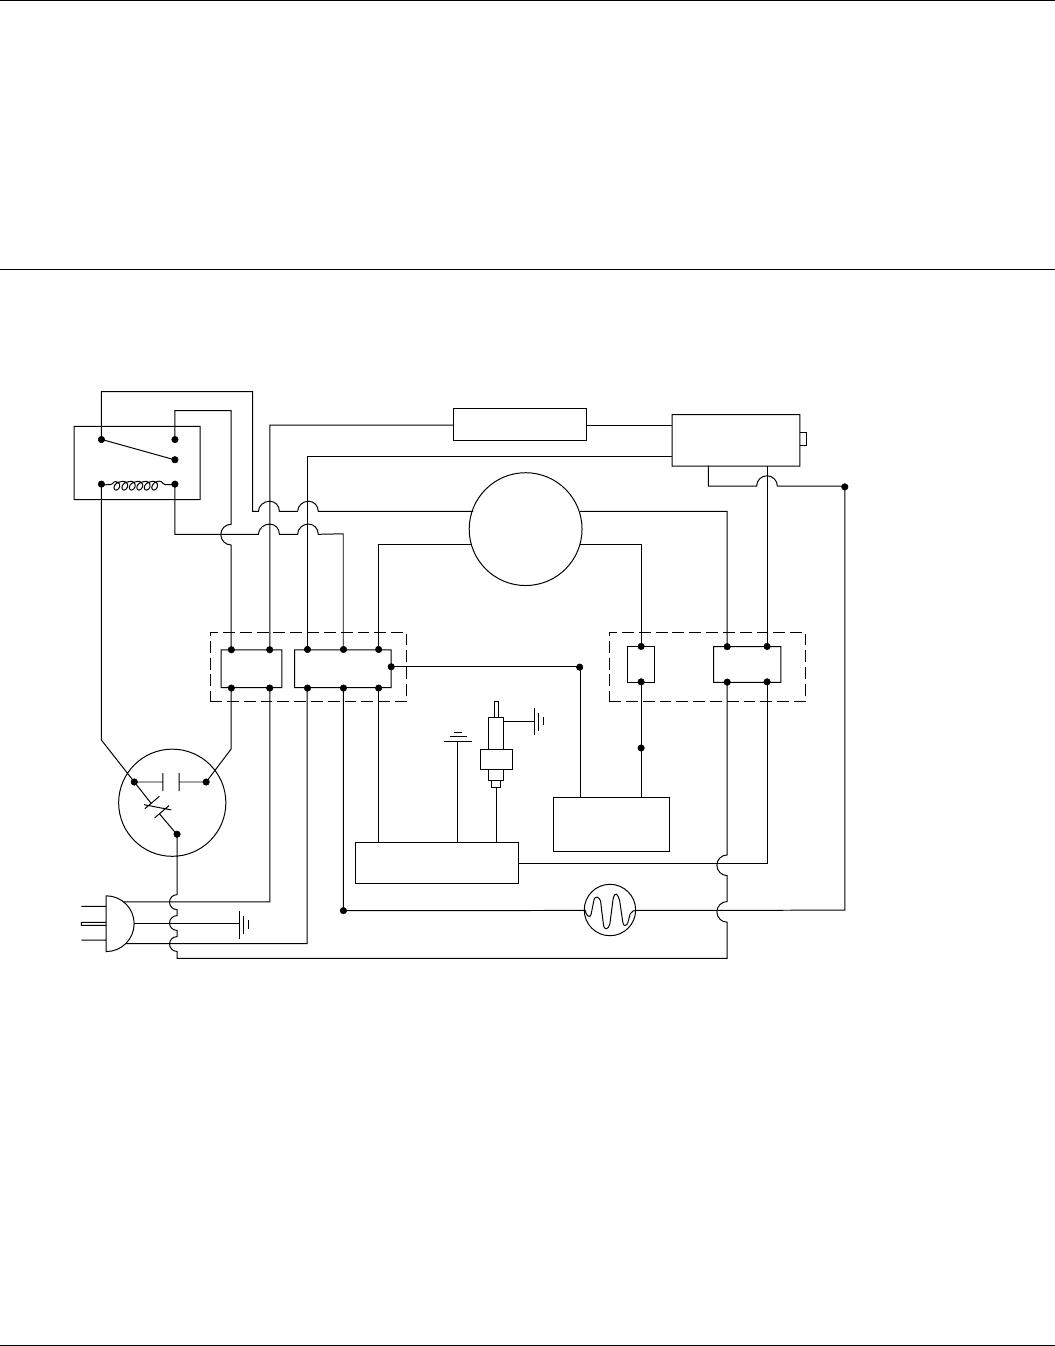 Dayton 3E358B, 3E359B Wiring Diagram